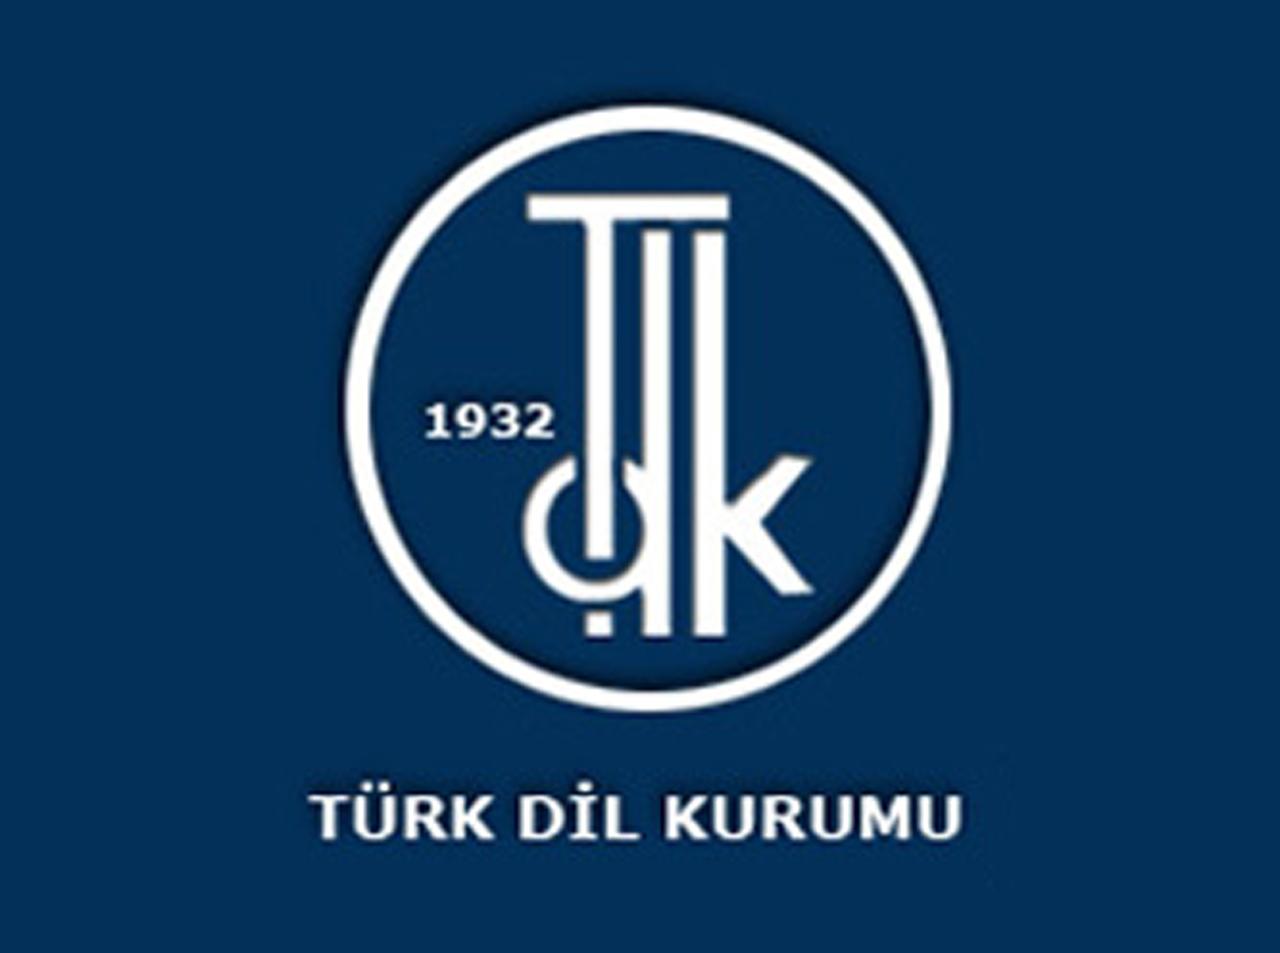 Türk Dil Kurumu'nun